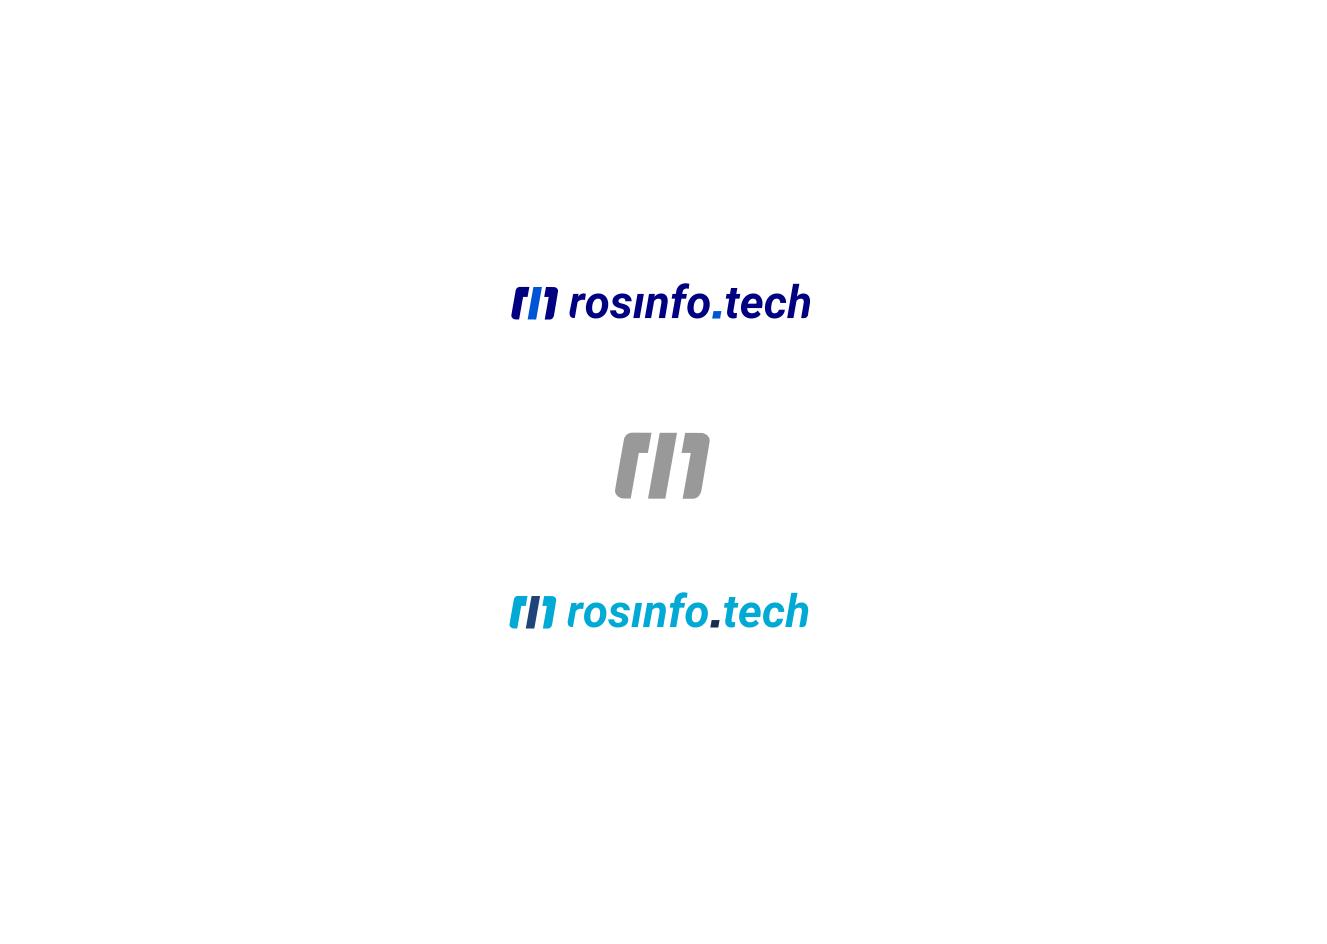 Разработка пакета айдентики rosinfo.tech фото f_9725e295027479c9.png